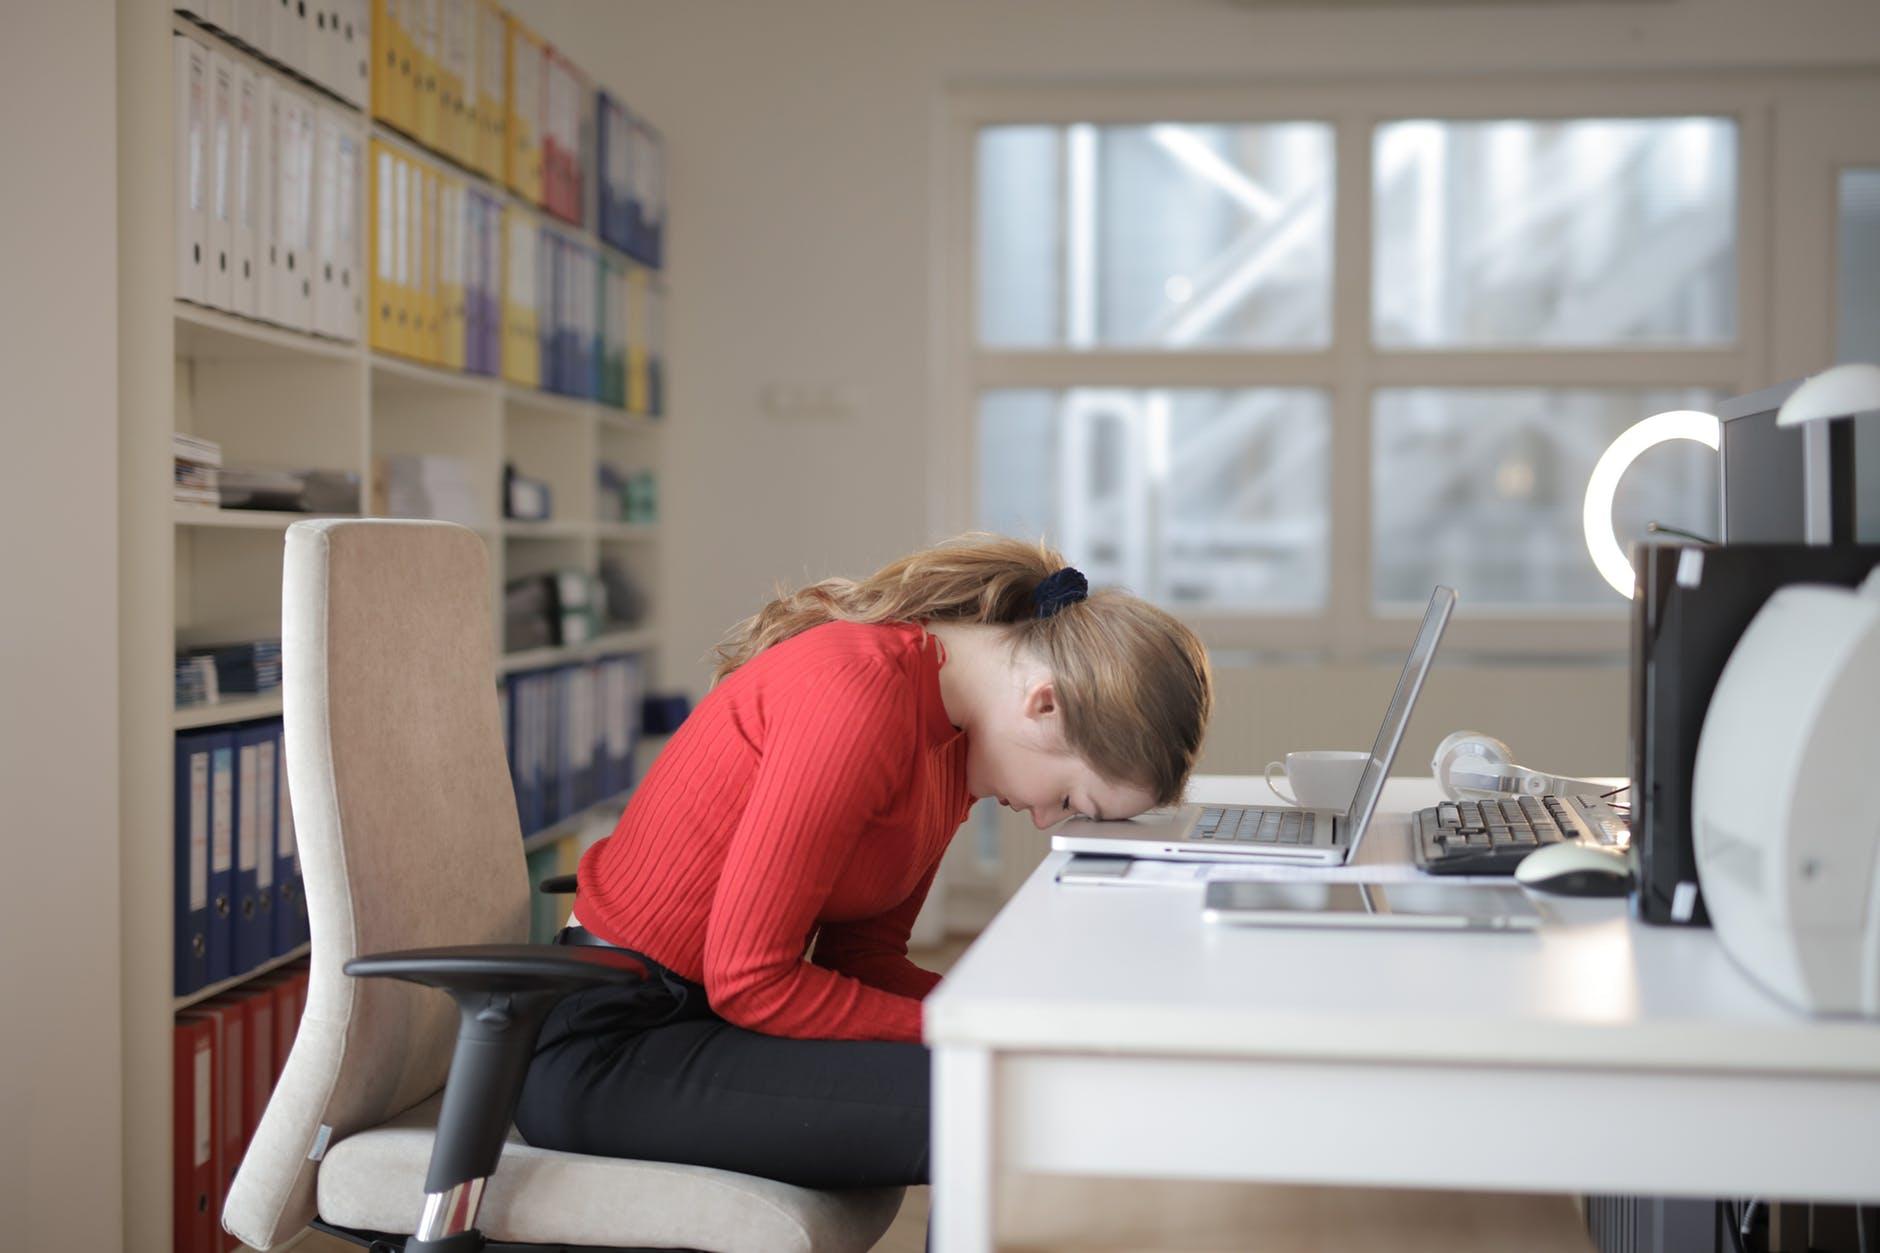 Çka duhet të bëjnë punëdhënësit kur punonjësit kanë probleme emocionale?